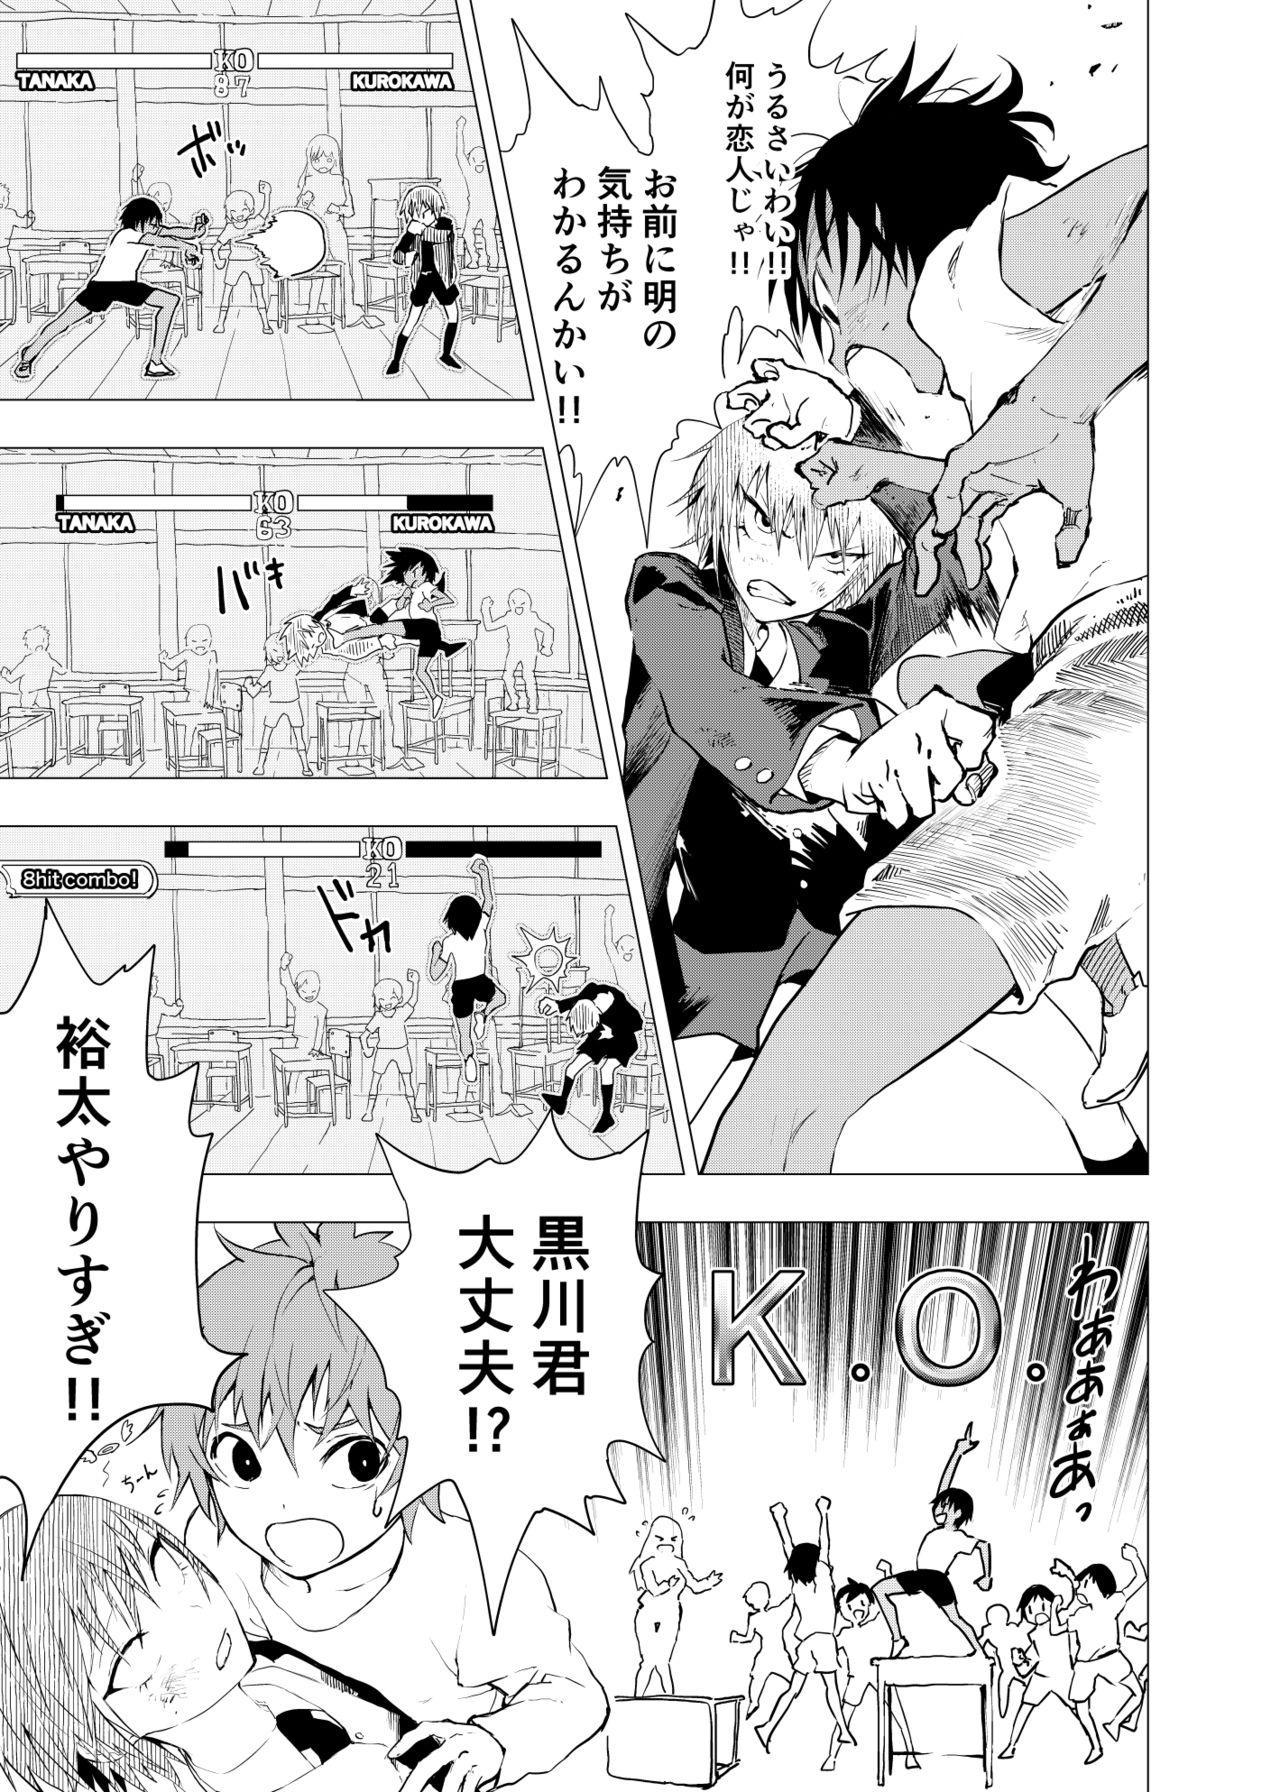 Inaka no Uke Shounen to Tokai no Seme Shounen no Ero Manga 1-6 99